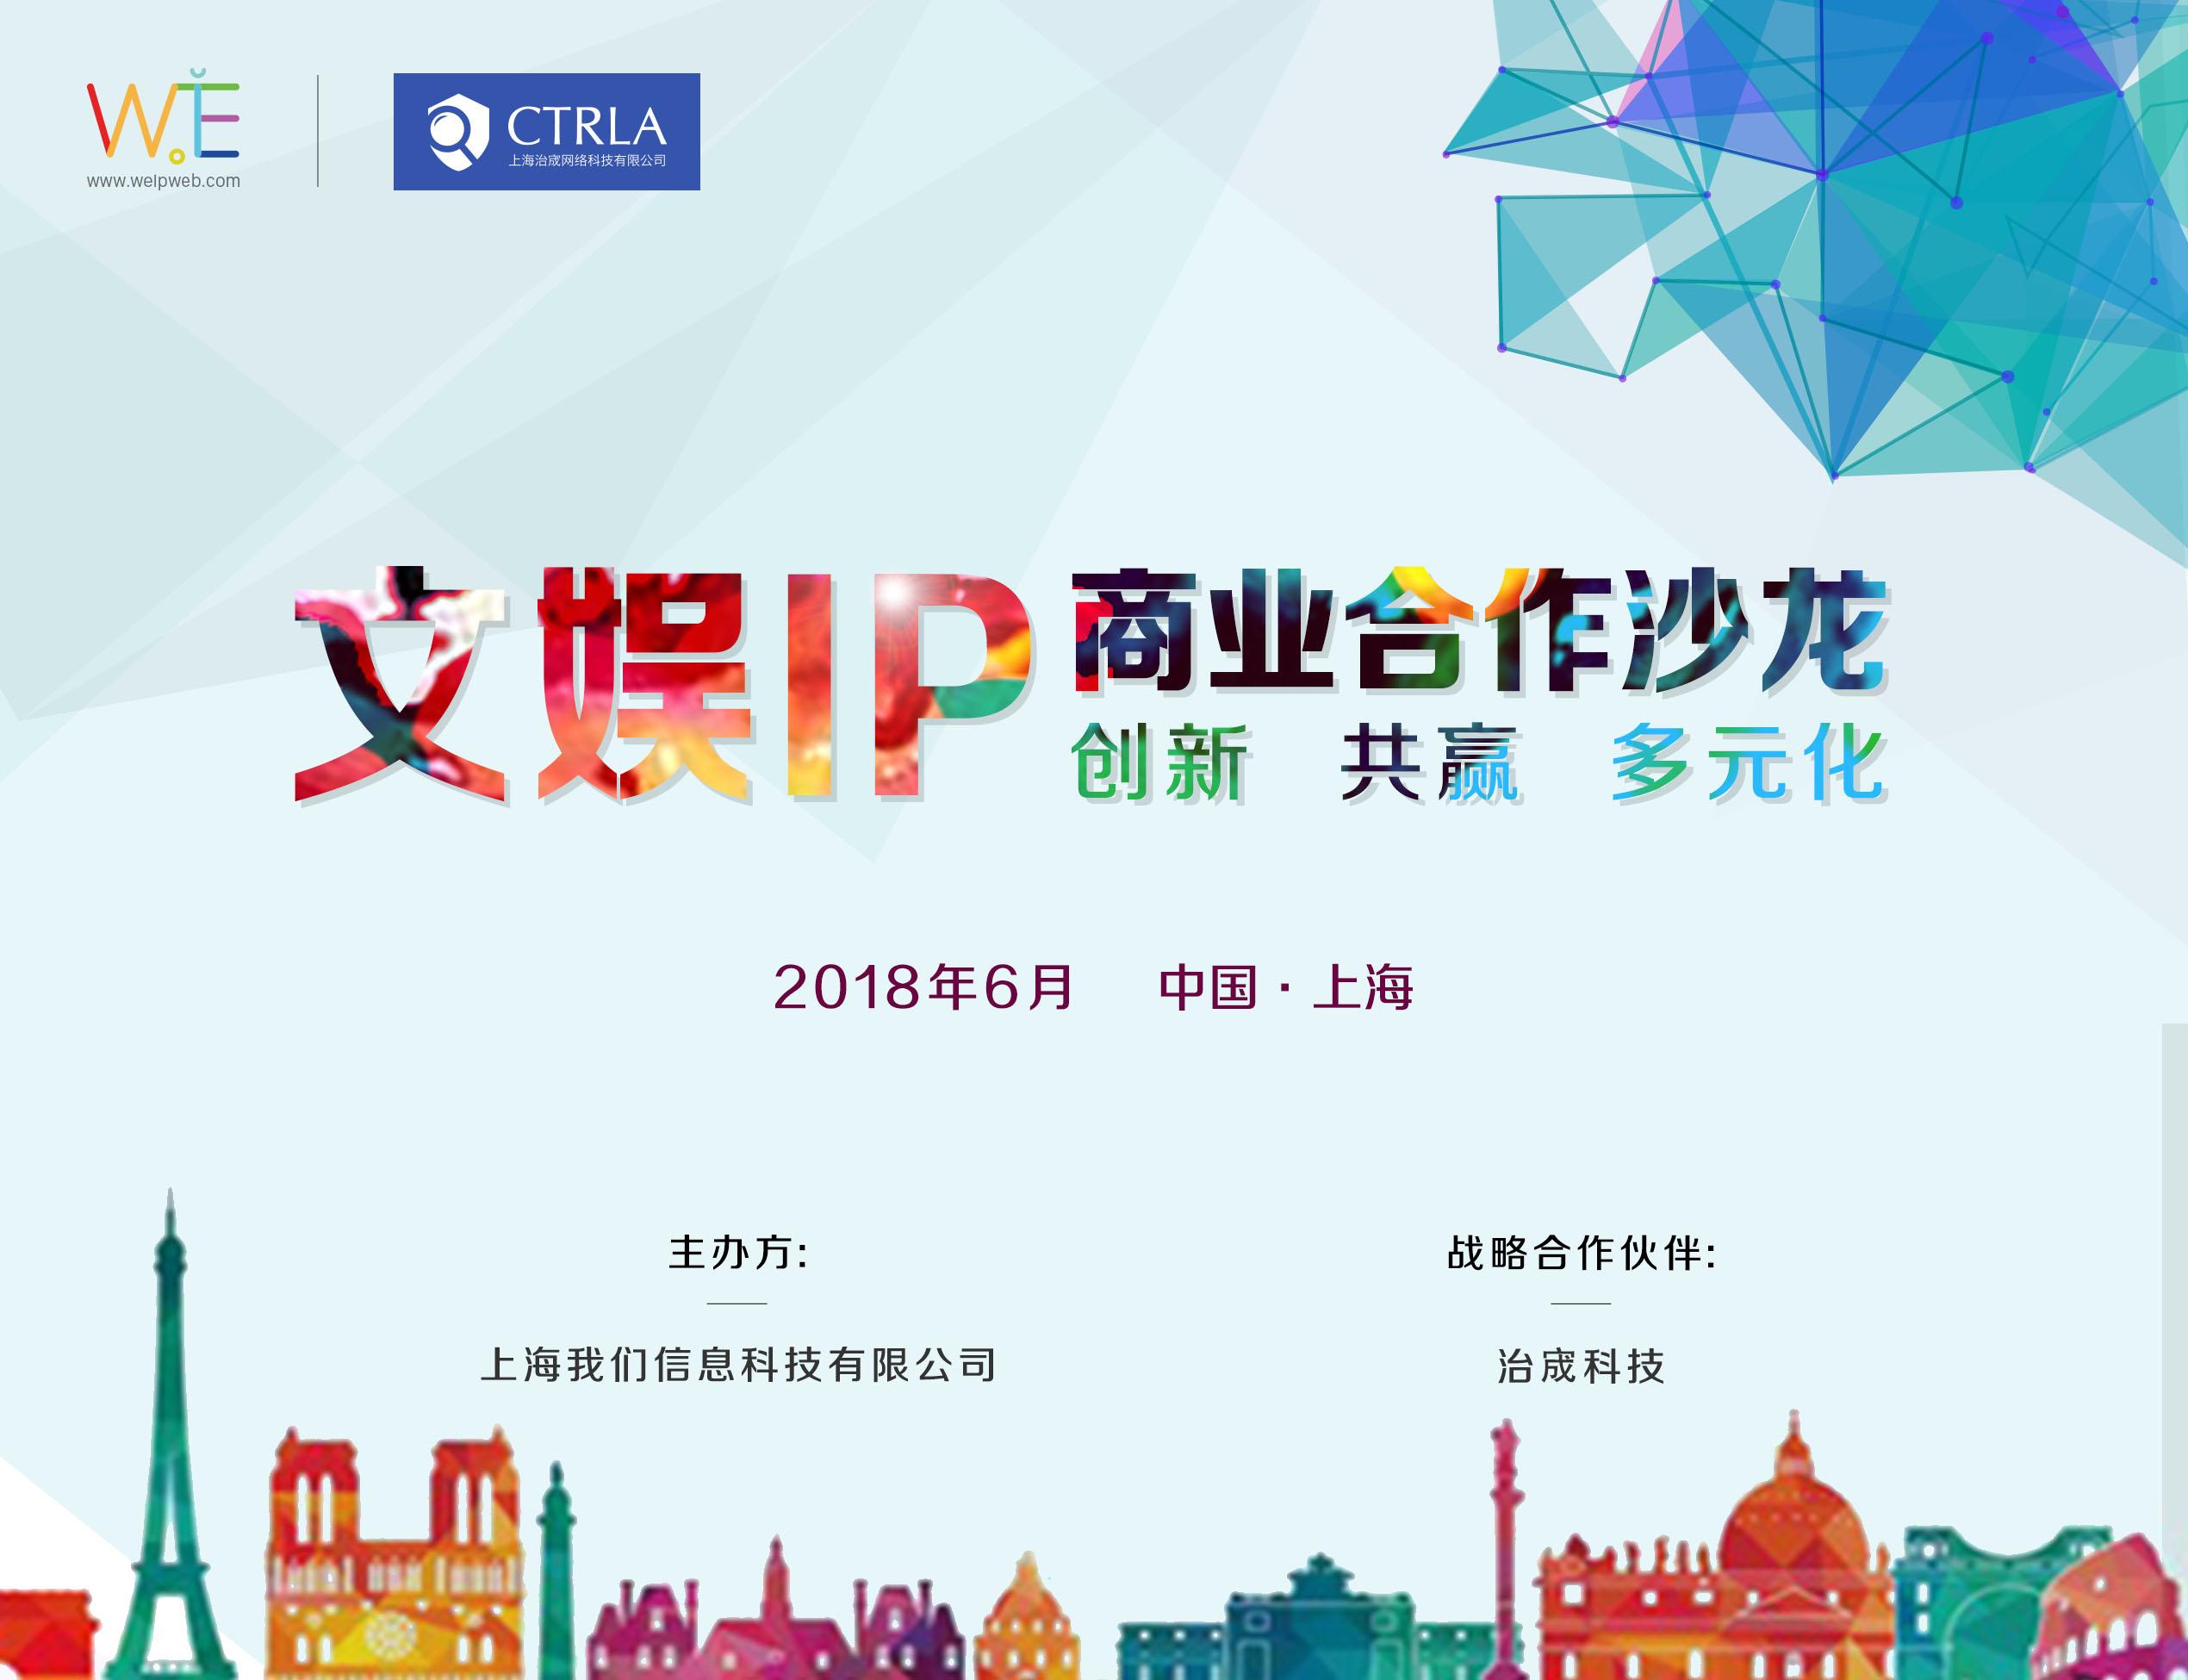 """我们科技成功举办""""文娱IP多元化发展""""主题商业沙龙活动-ANICOGA"""